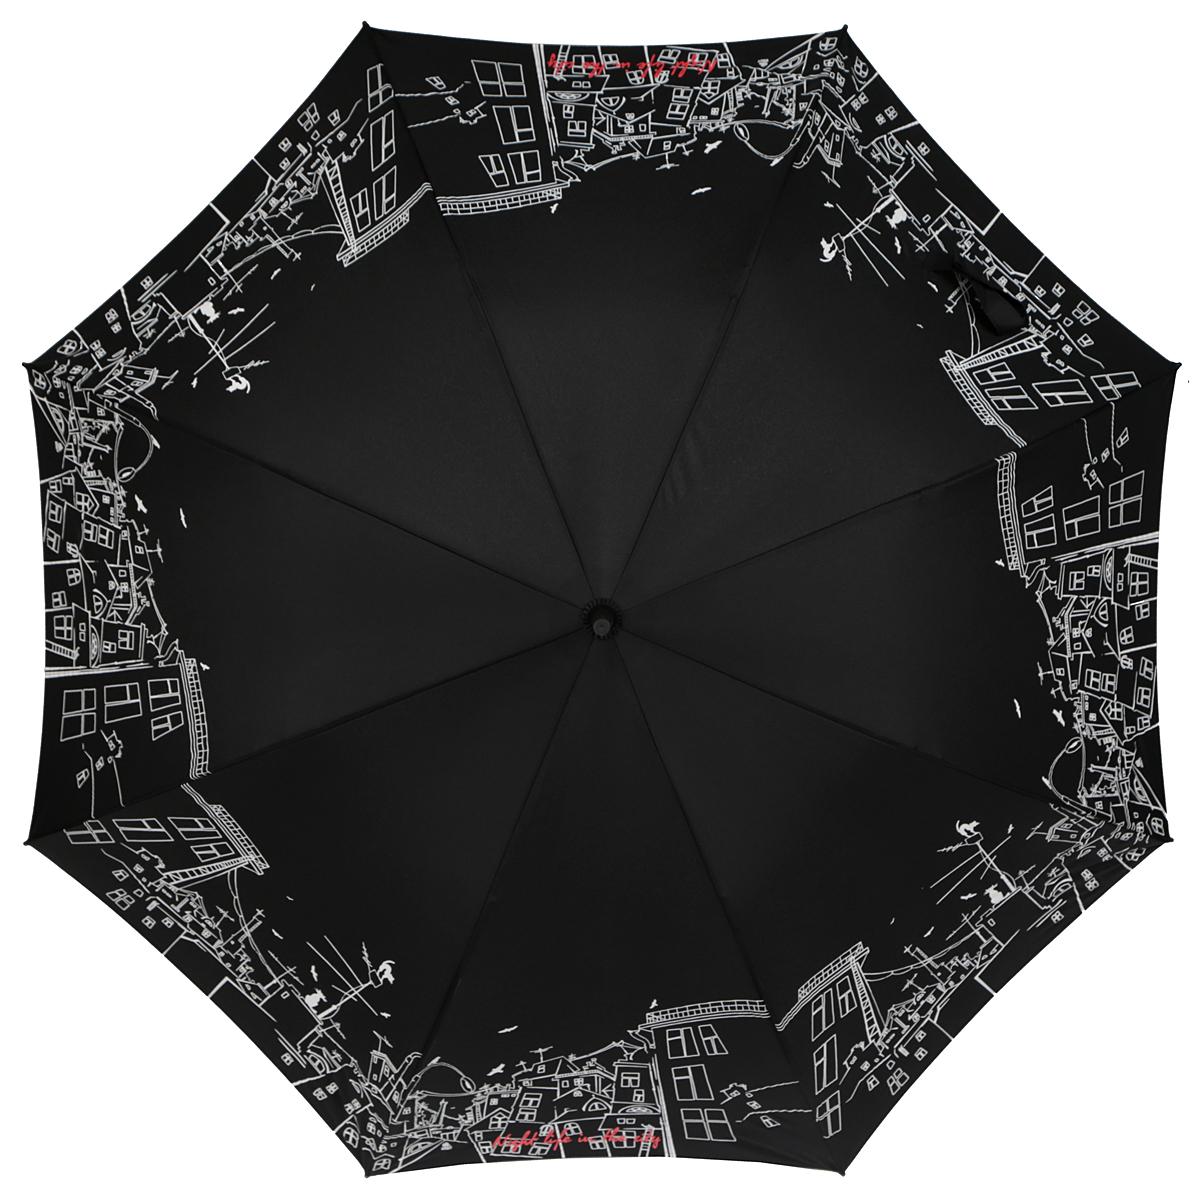 Зонт-трость женский Zest, полуавтомат, цвет: черный, белый. 21629-8047 зонт трость zest 21641 7